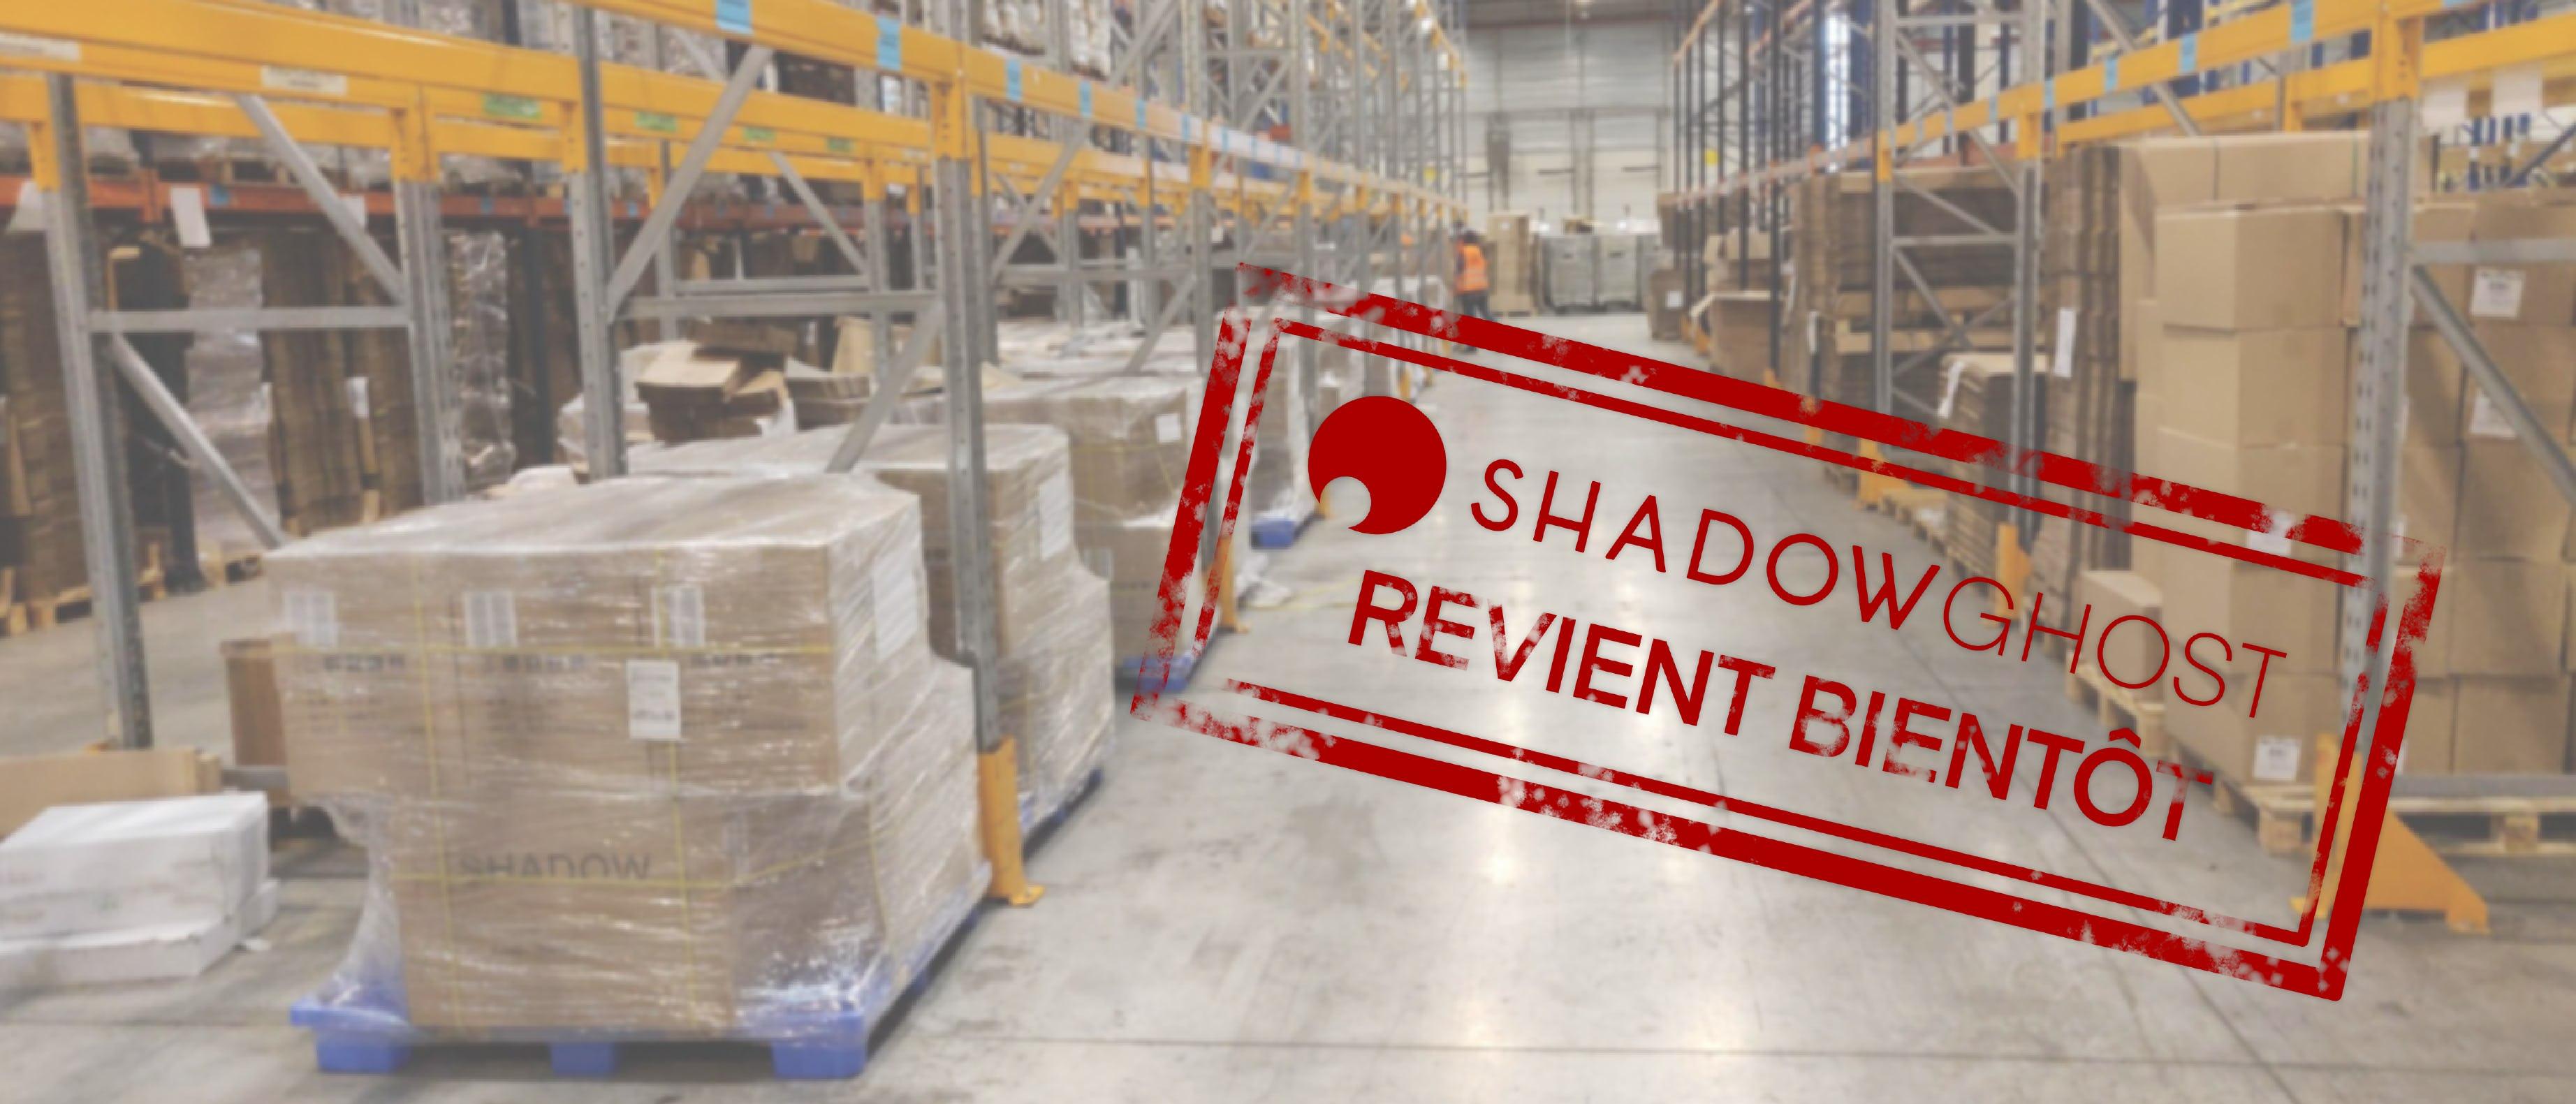 La Shadow Ghost revient bientôt : on vous donne tous les détails !